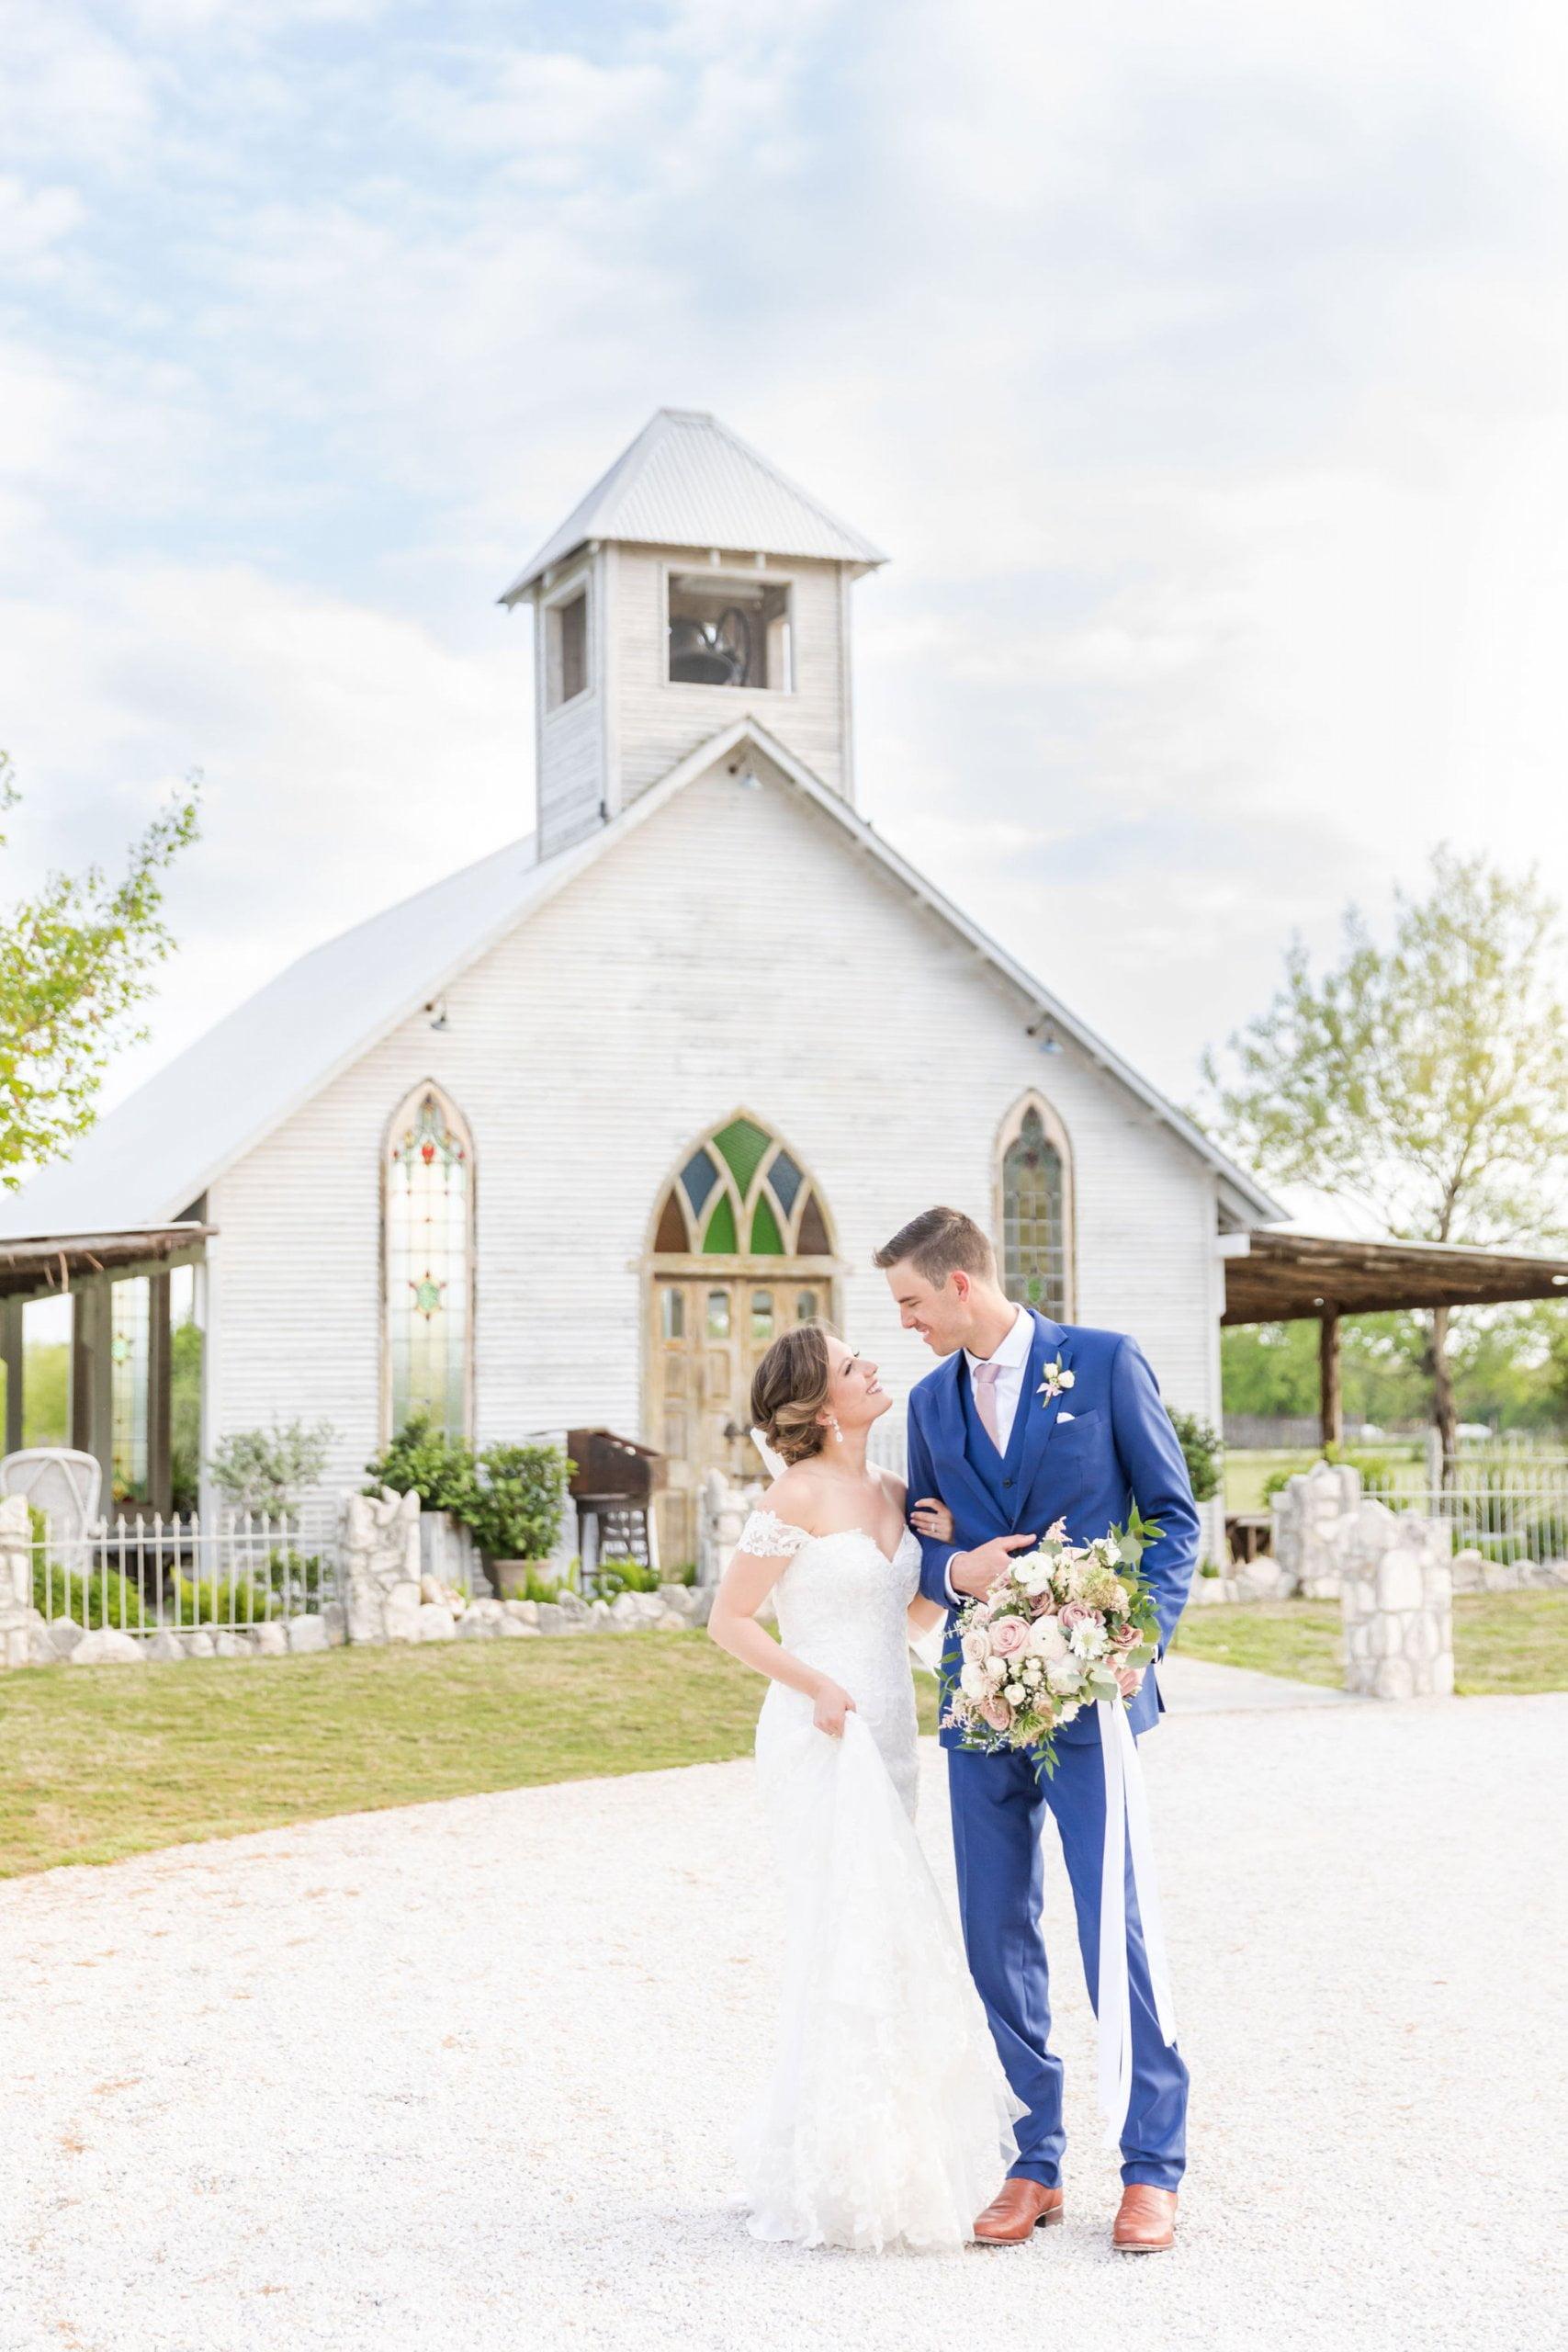 Horadam Wedding Dawn Elizabeth Studios 0728